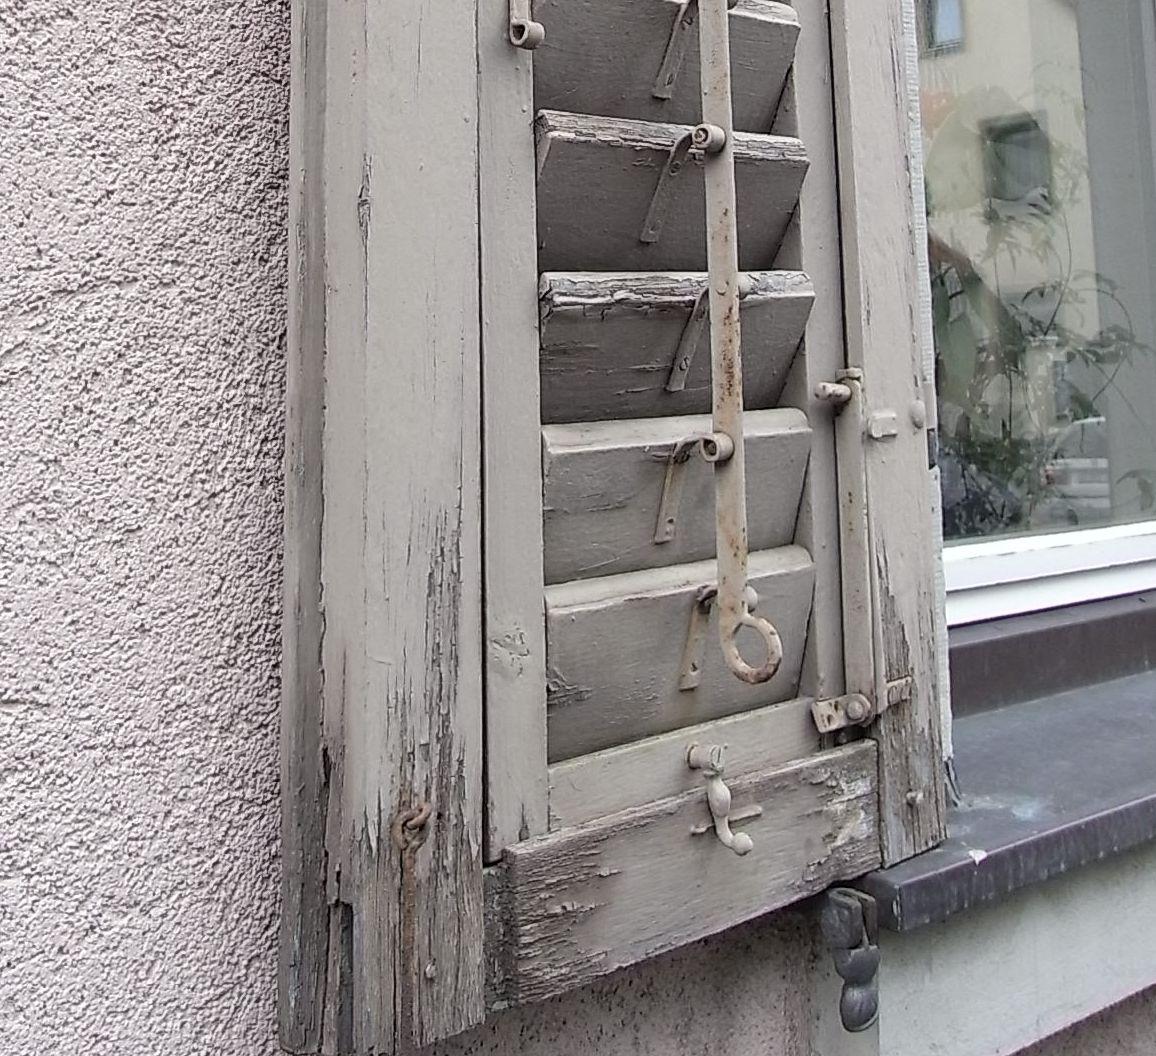 Fensterbank Holz Innen Einbau ~   genügend Abstand Das Holz saugt sich mit der stehenden Nässe voll